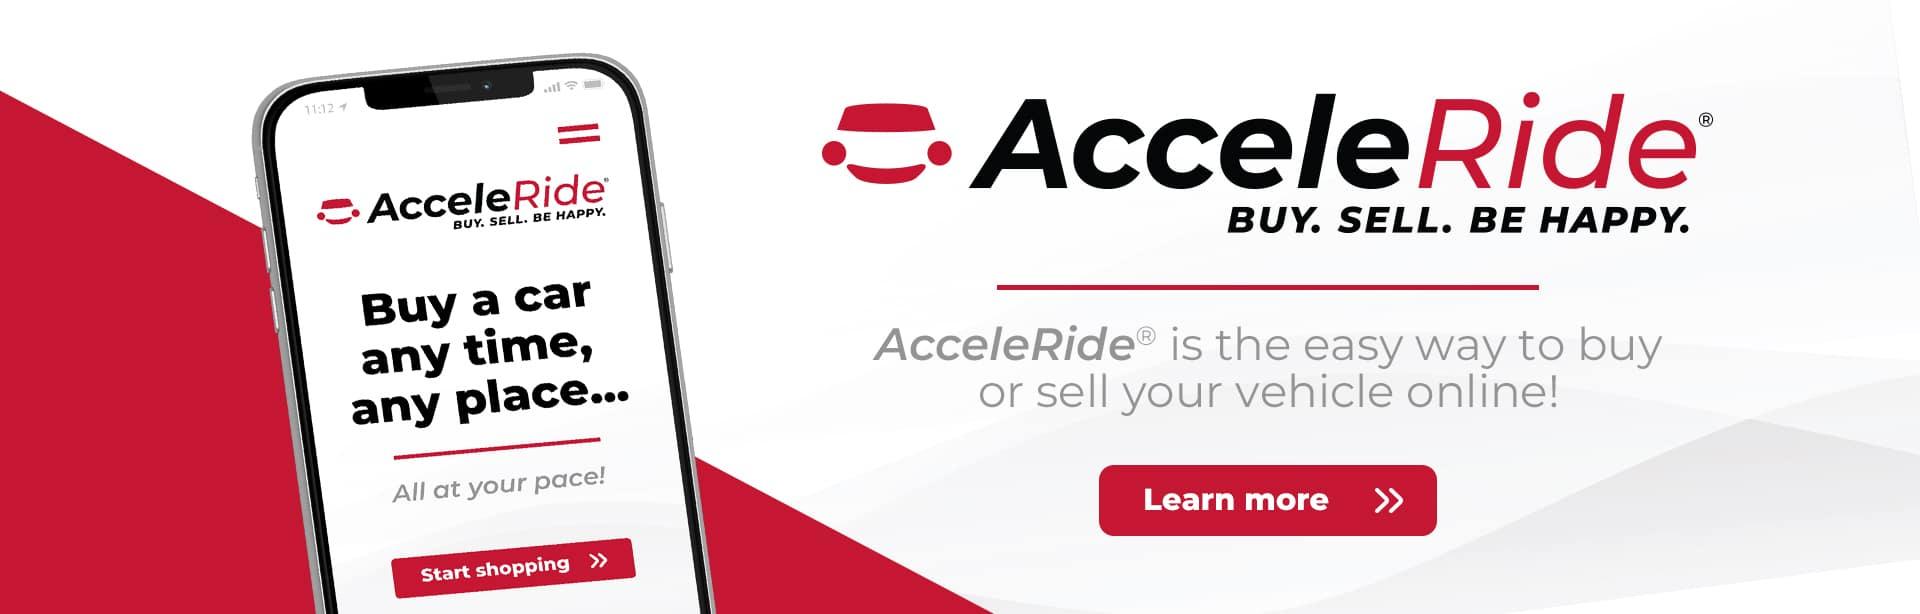 AcceleRide_Webslide_RedBlack